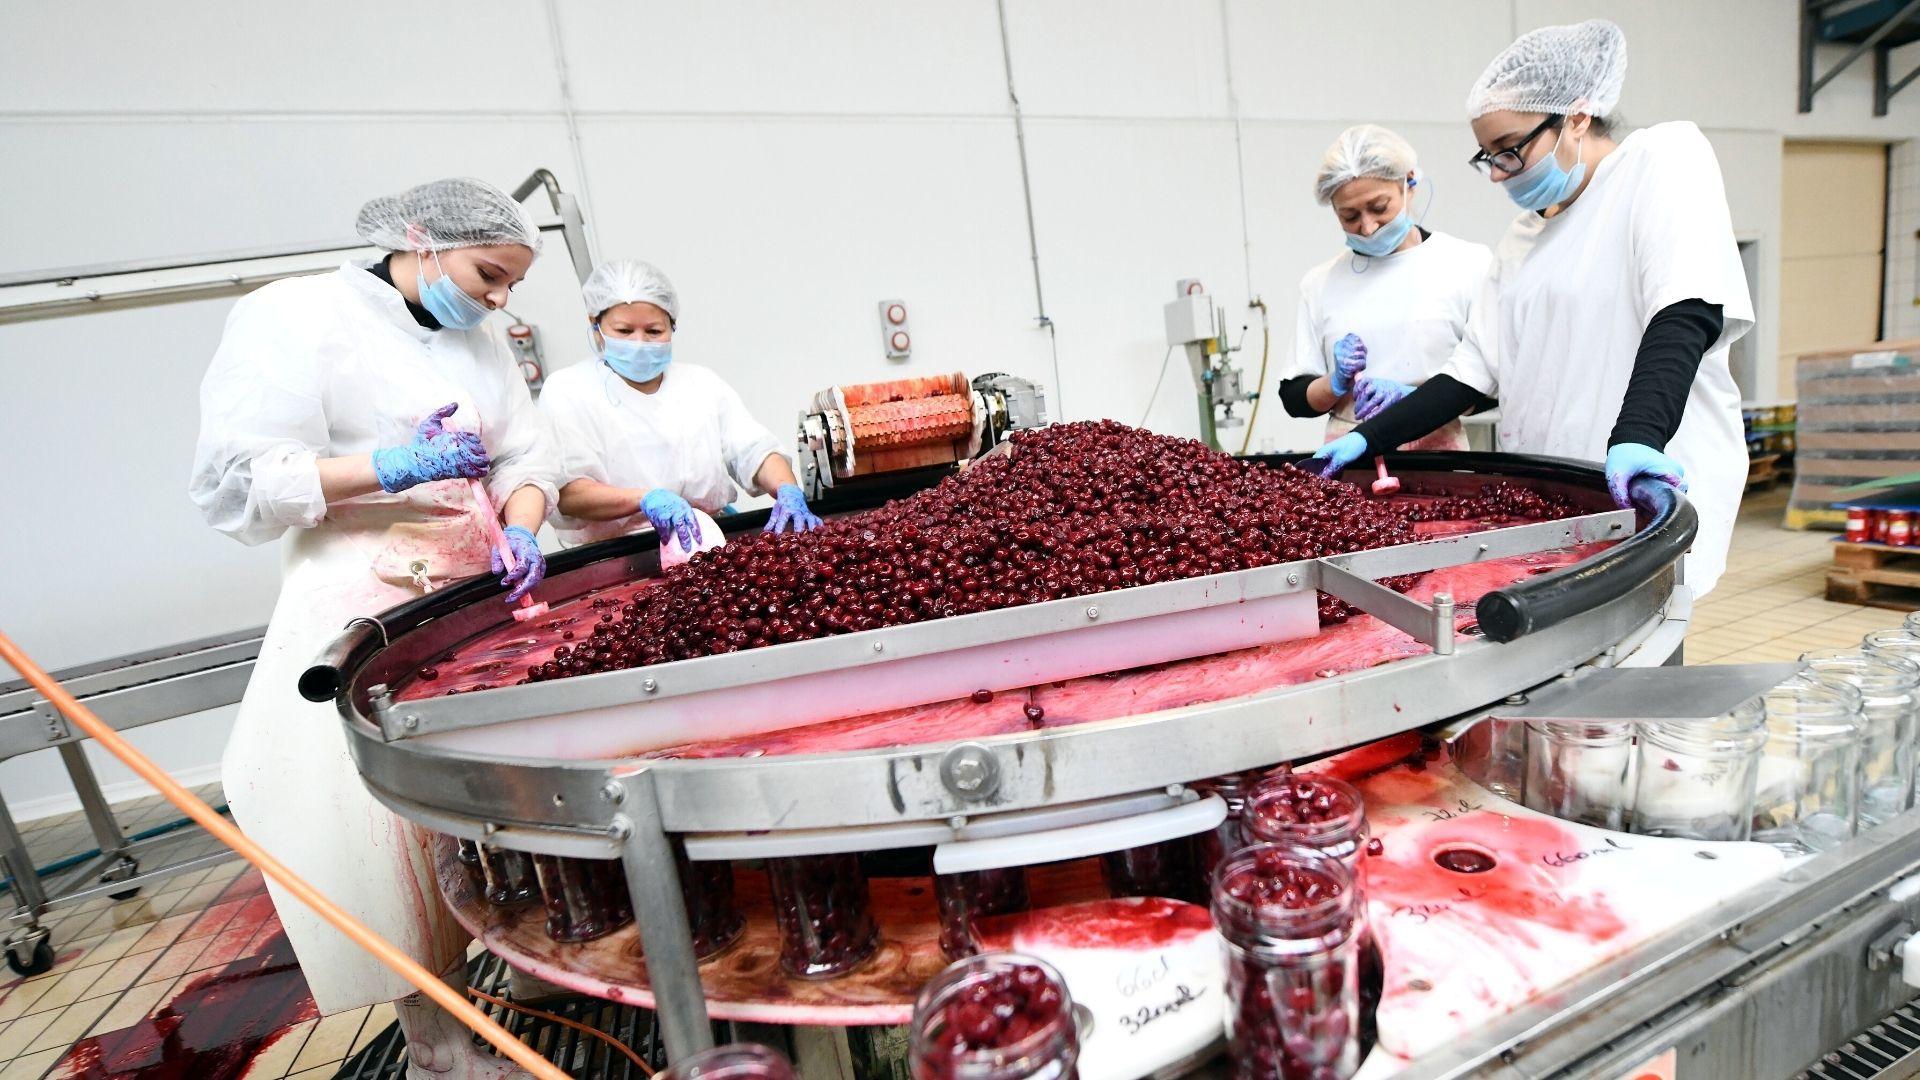 Pfastatt les confitures Beyer s'exportent à l'international : les fruits sont triés à la main